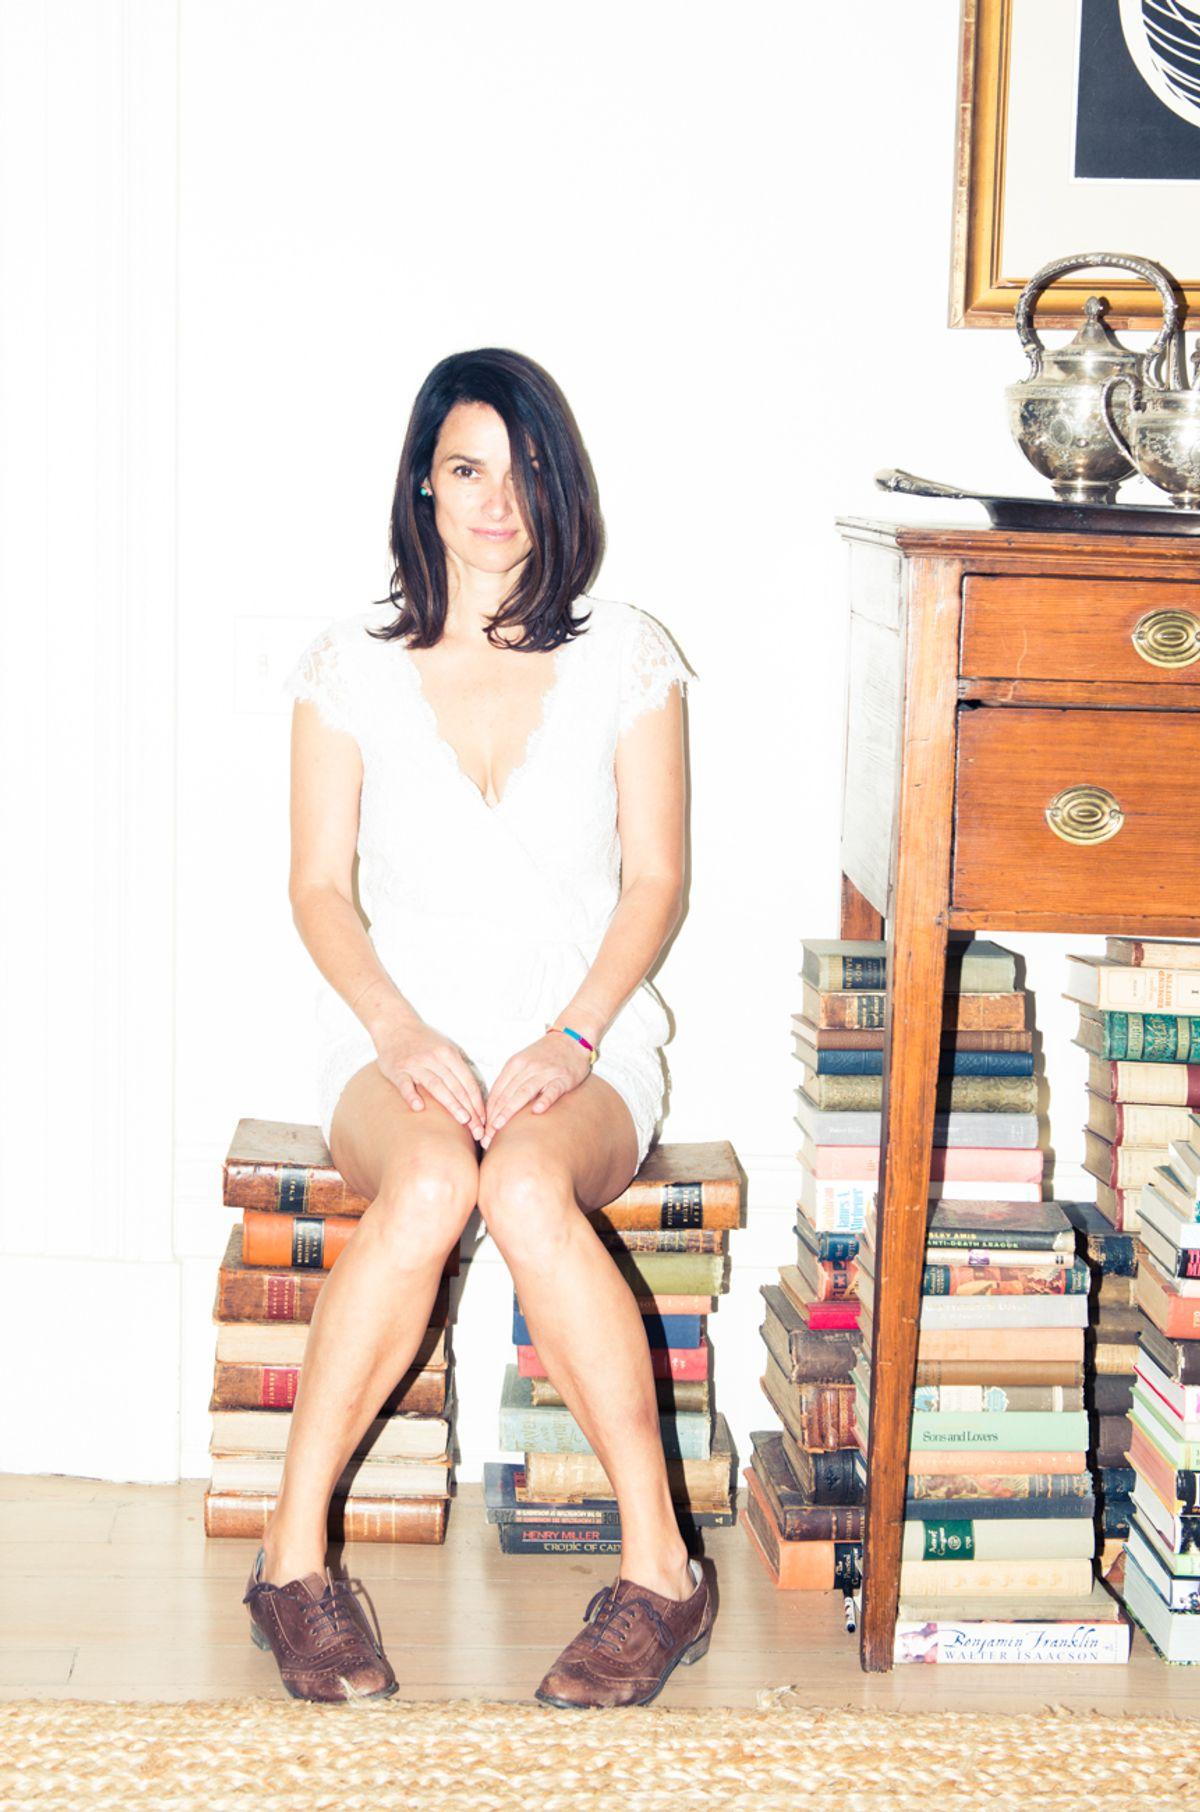 Sara Ruffin Costello